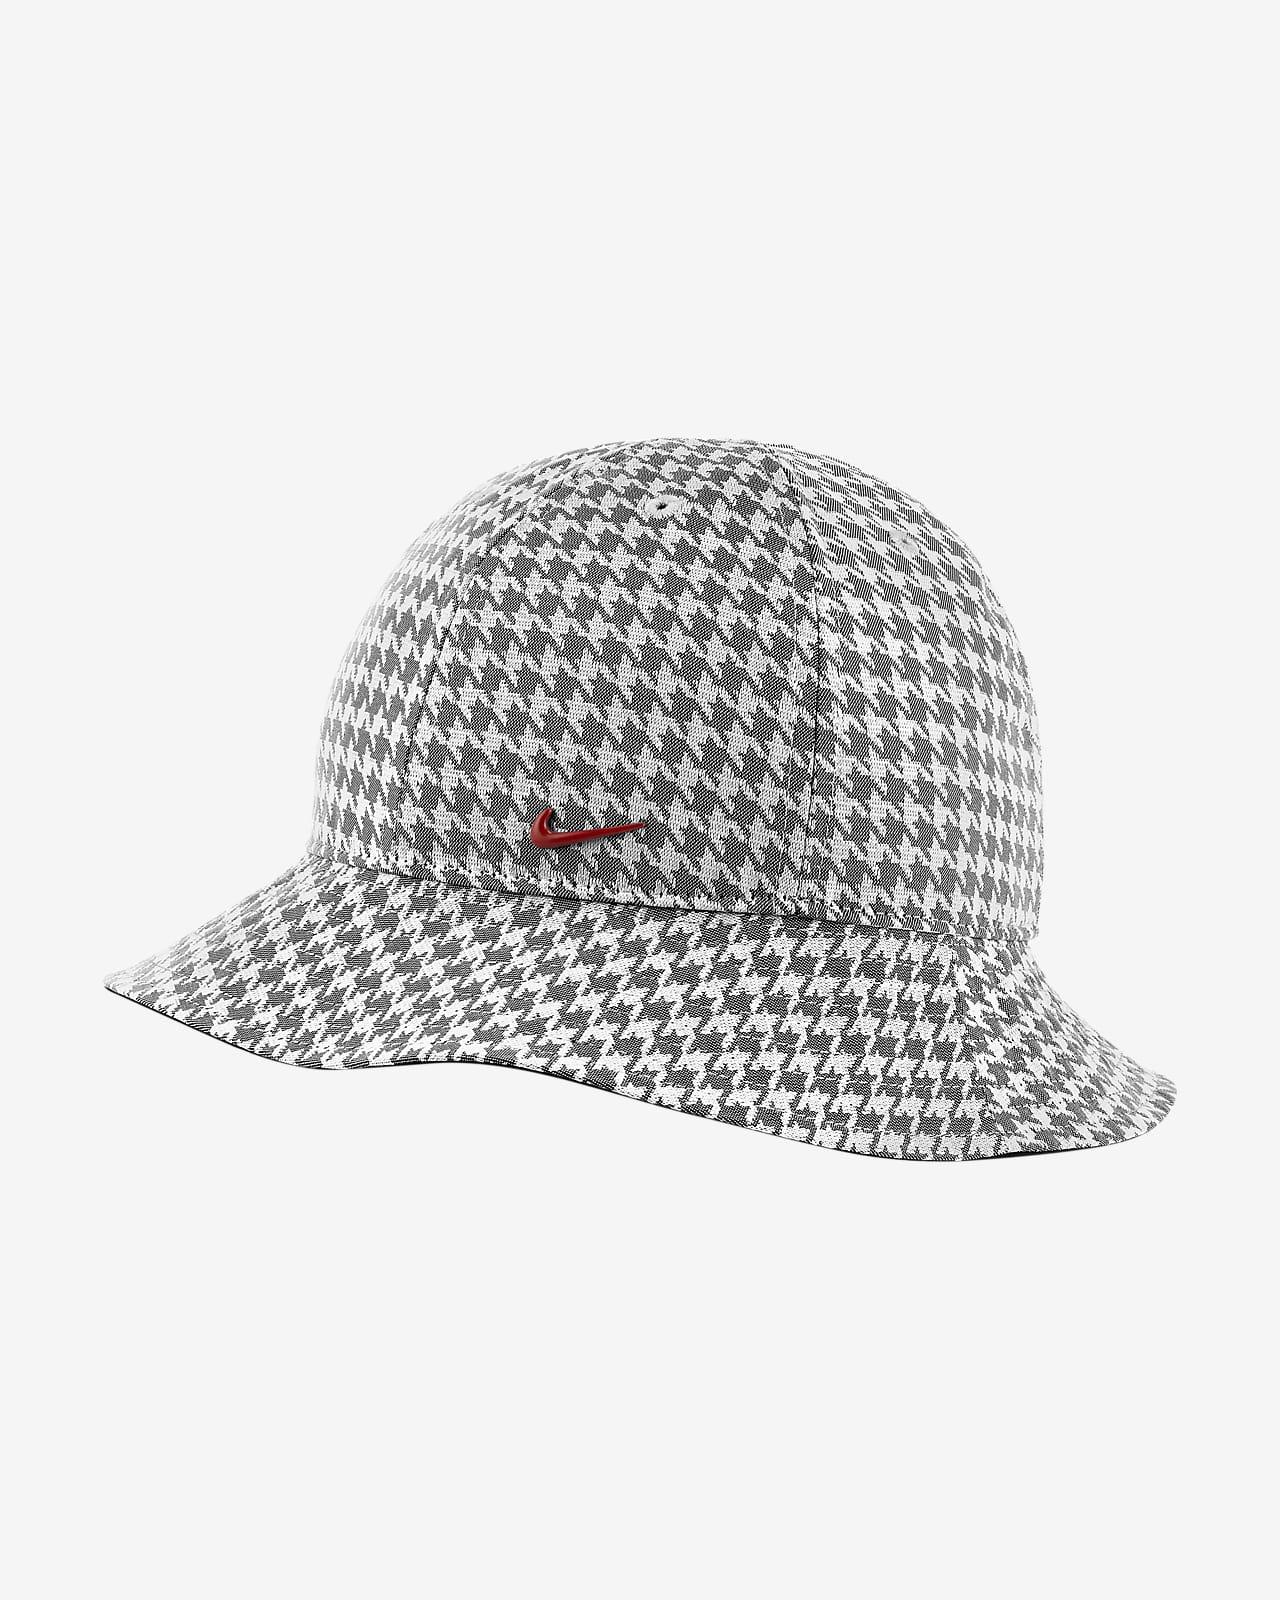 Nike Sportswear Women's Bucket Hat